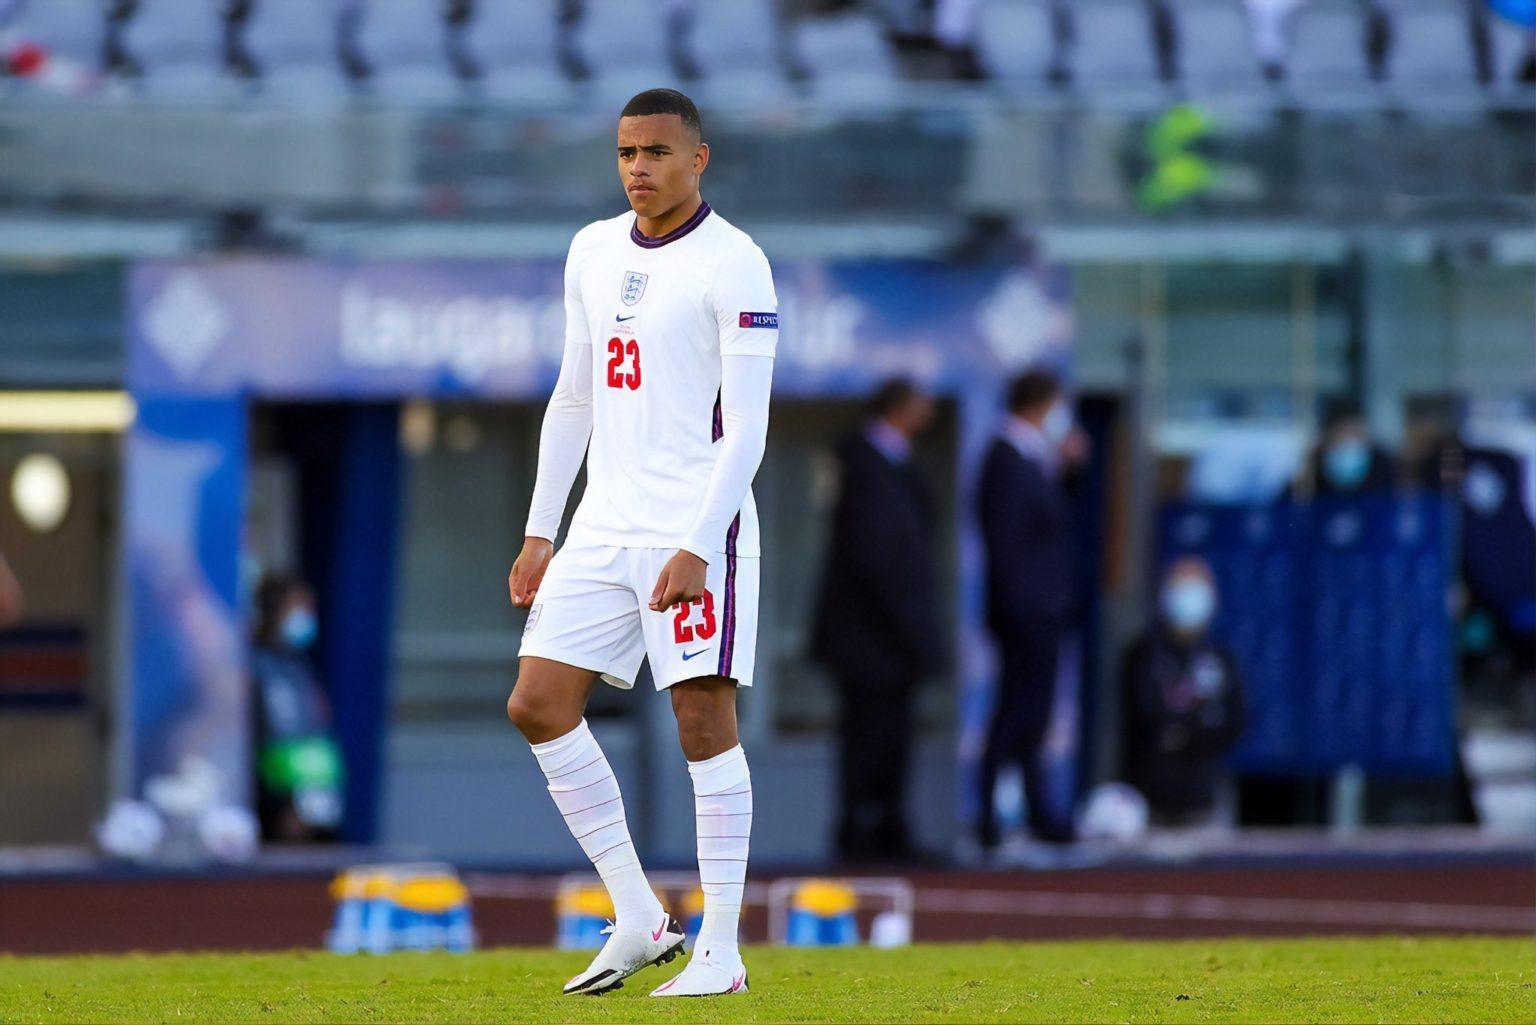 Greenwood lên tuyển Anh lần đầu và được ra mắt khi vào thay người từ phút 78 trận thắng chủ nhà Iceland 1-0 hôm 5/9/2020. Ảnh: Reuters